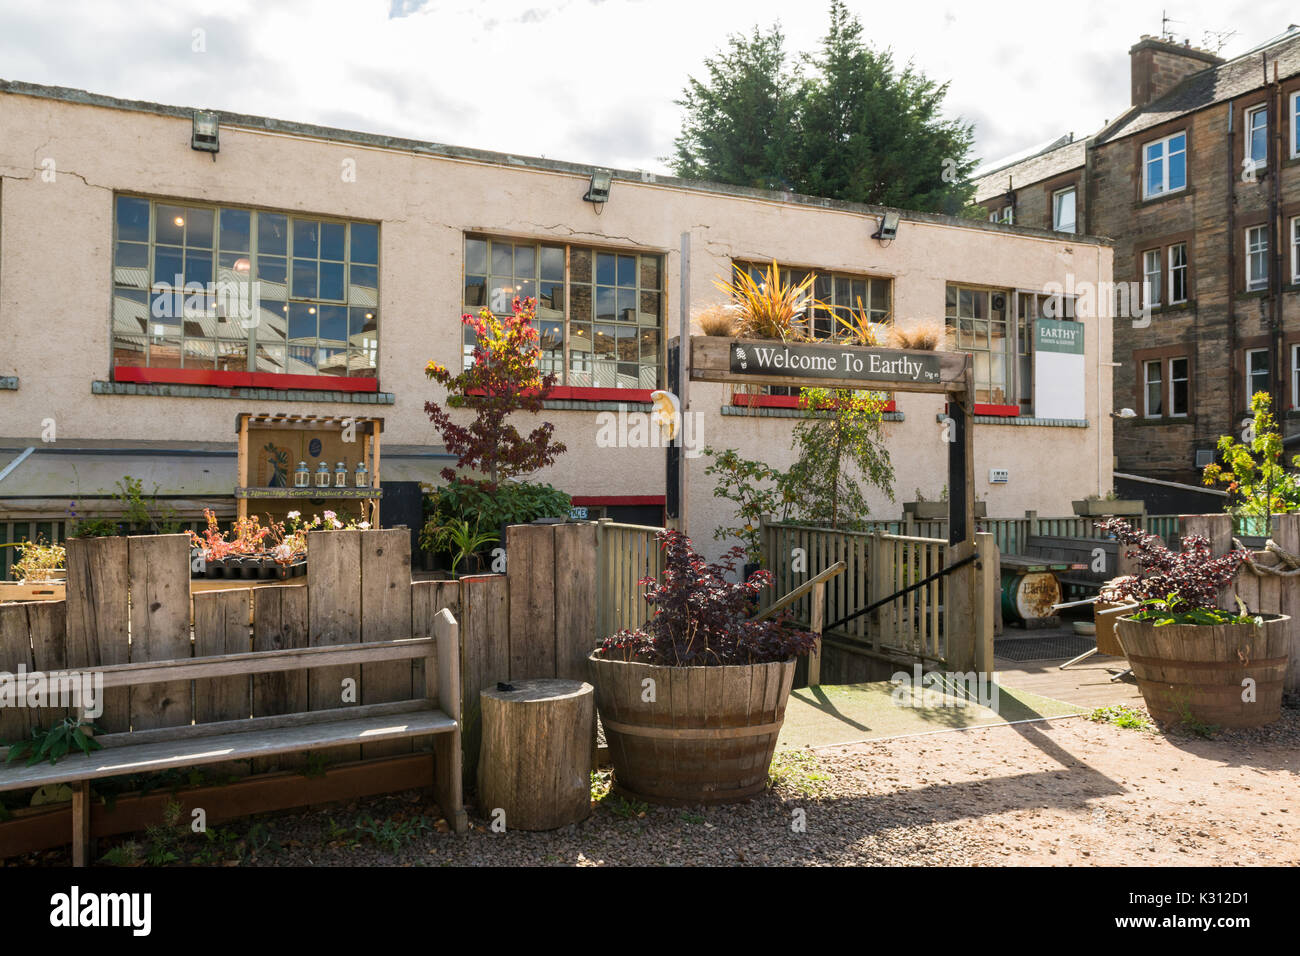 Erdige Essen nachhaltige Lebensmittelgeschäft, Causewayside, Edinburgh Southside, Schottland, Großbritannien Stockbild